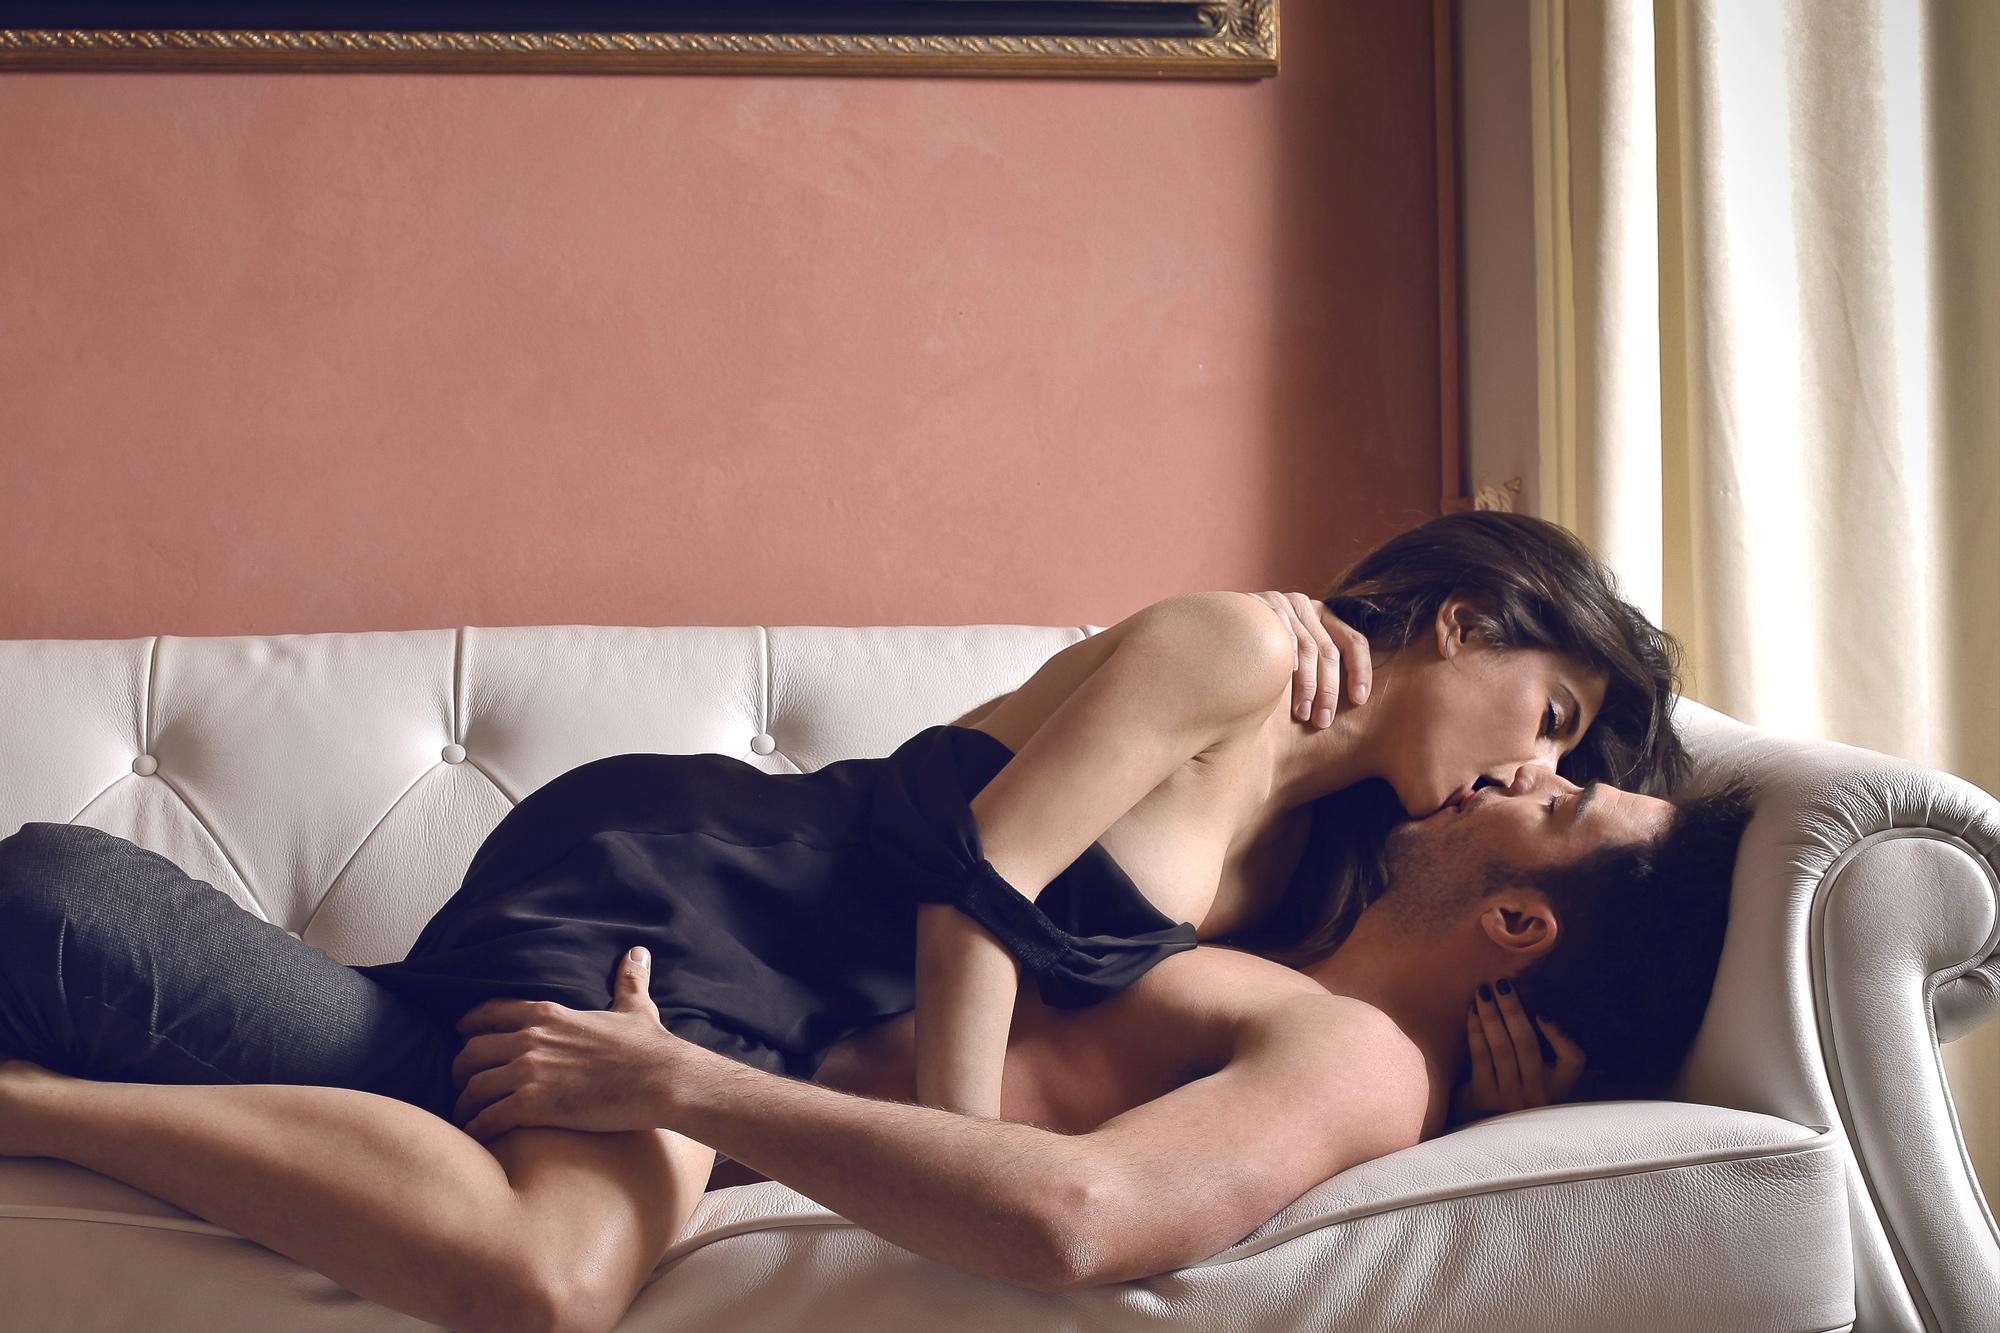 Пригласили подругу для секса, Секс Пригласили Подругу (найденопорно видео.) 22 фотография